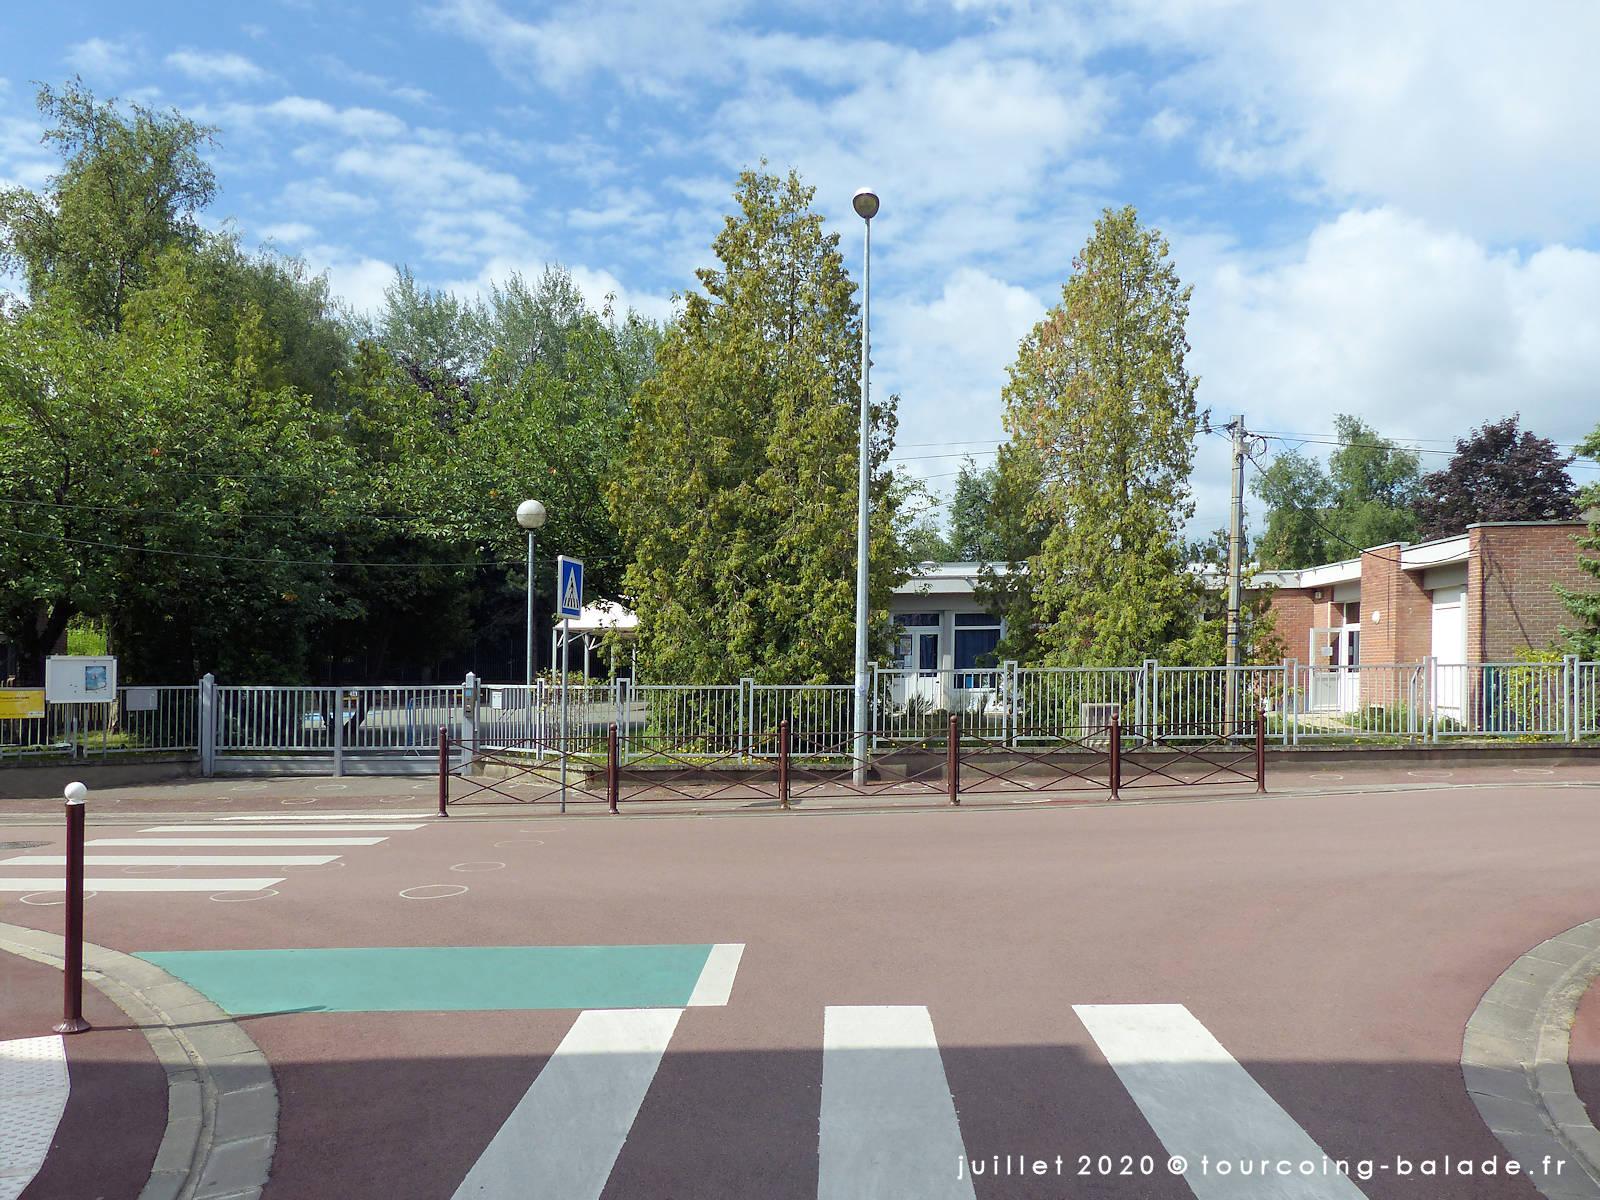 Rue du Clinquet et école maternelle Voltaire, Tourcoing 2020